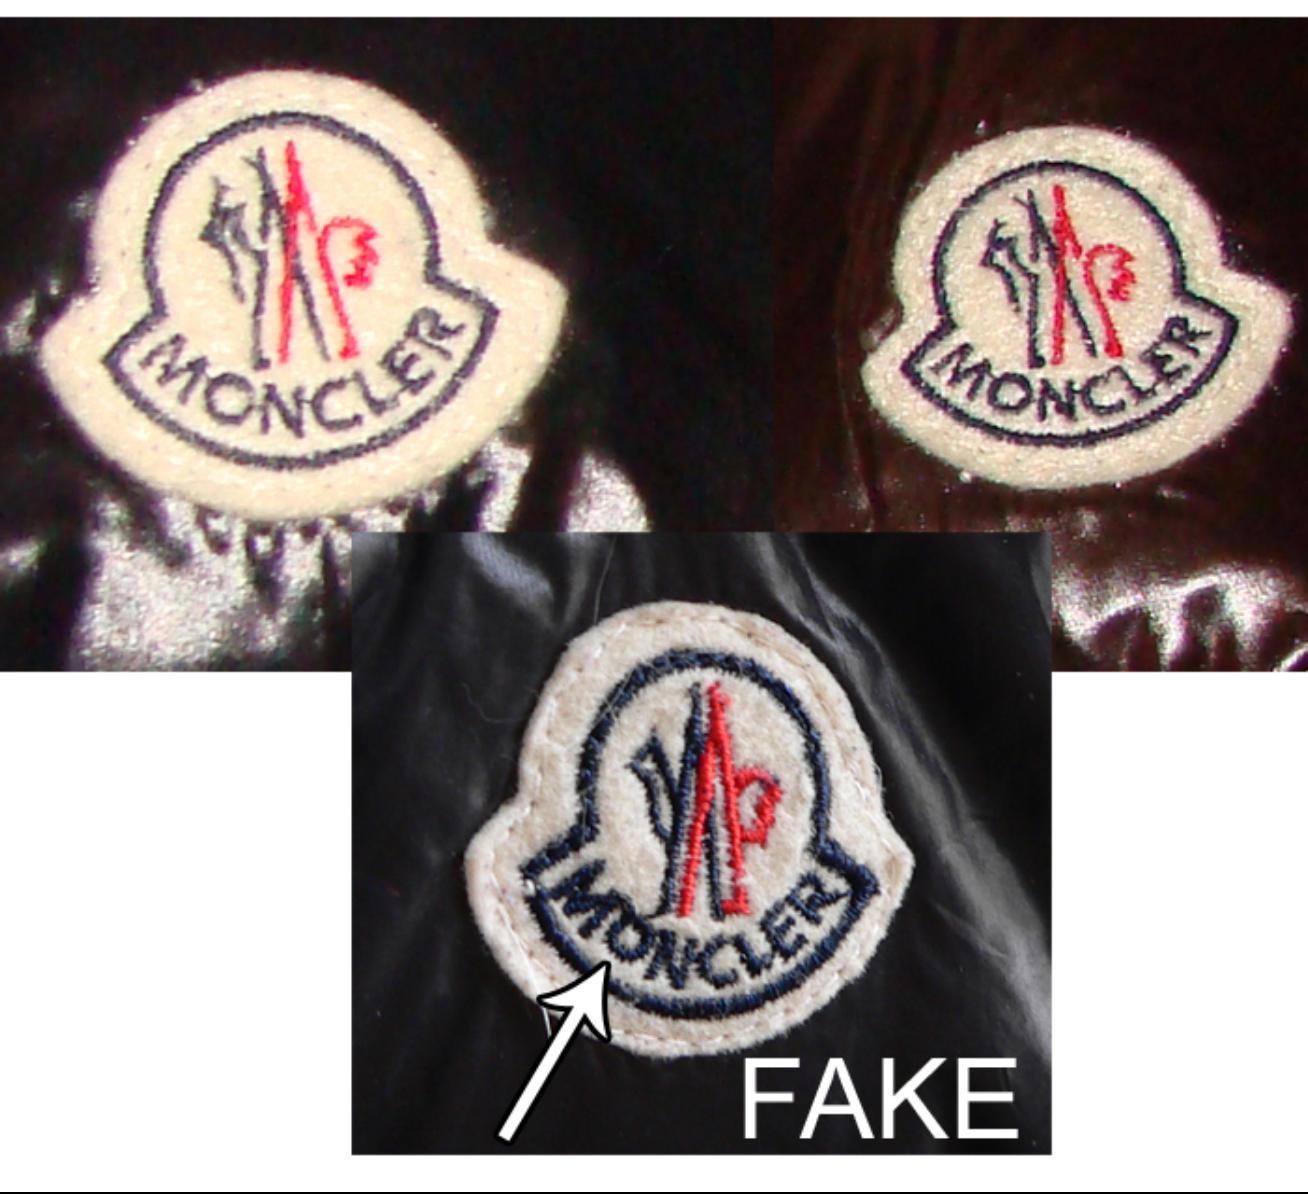 come riconoscere moncler falso